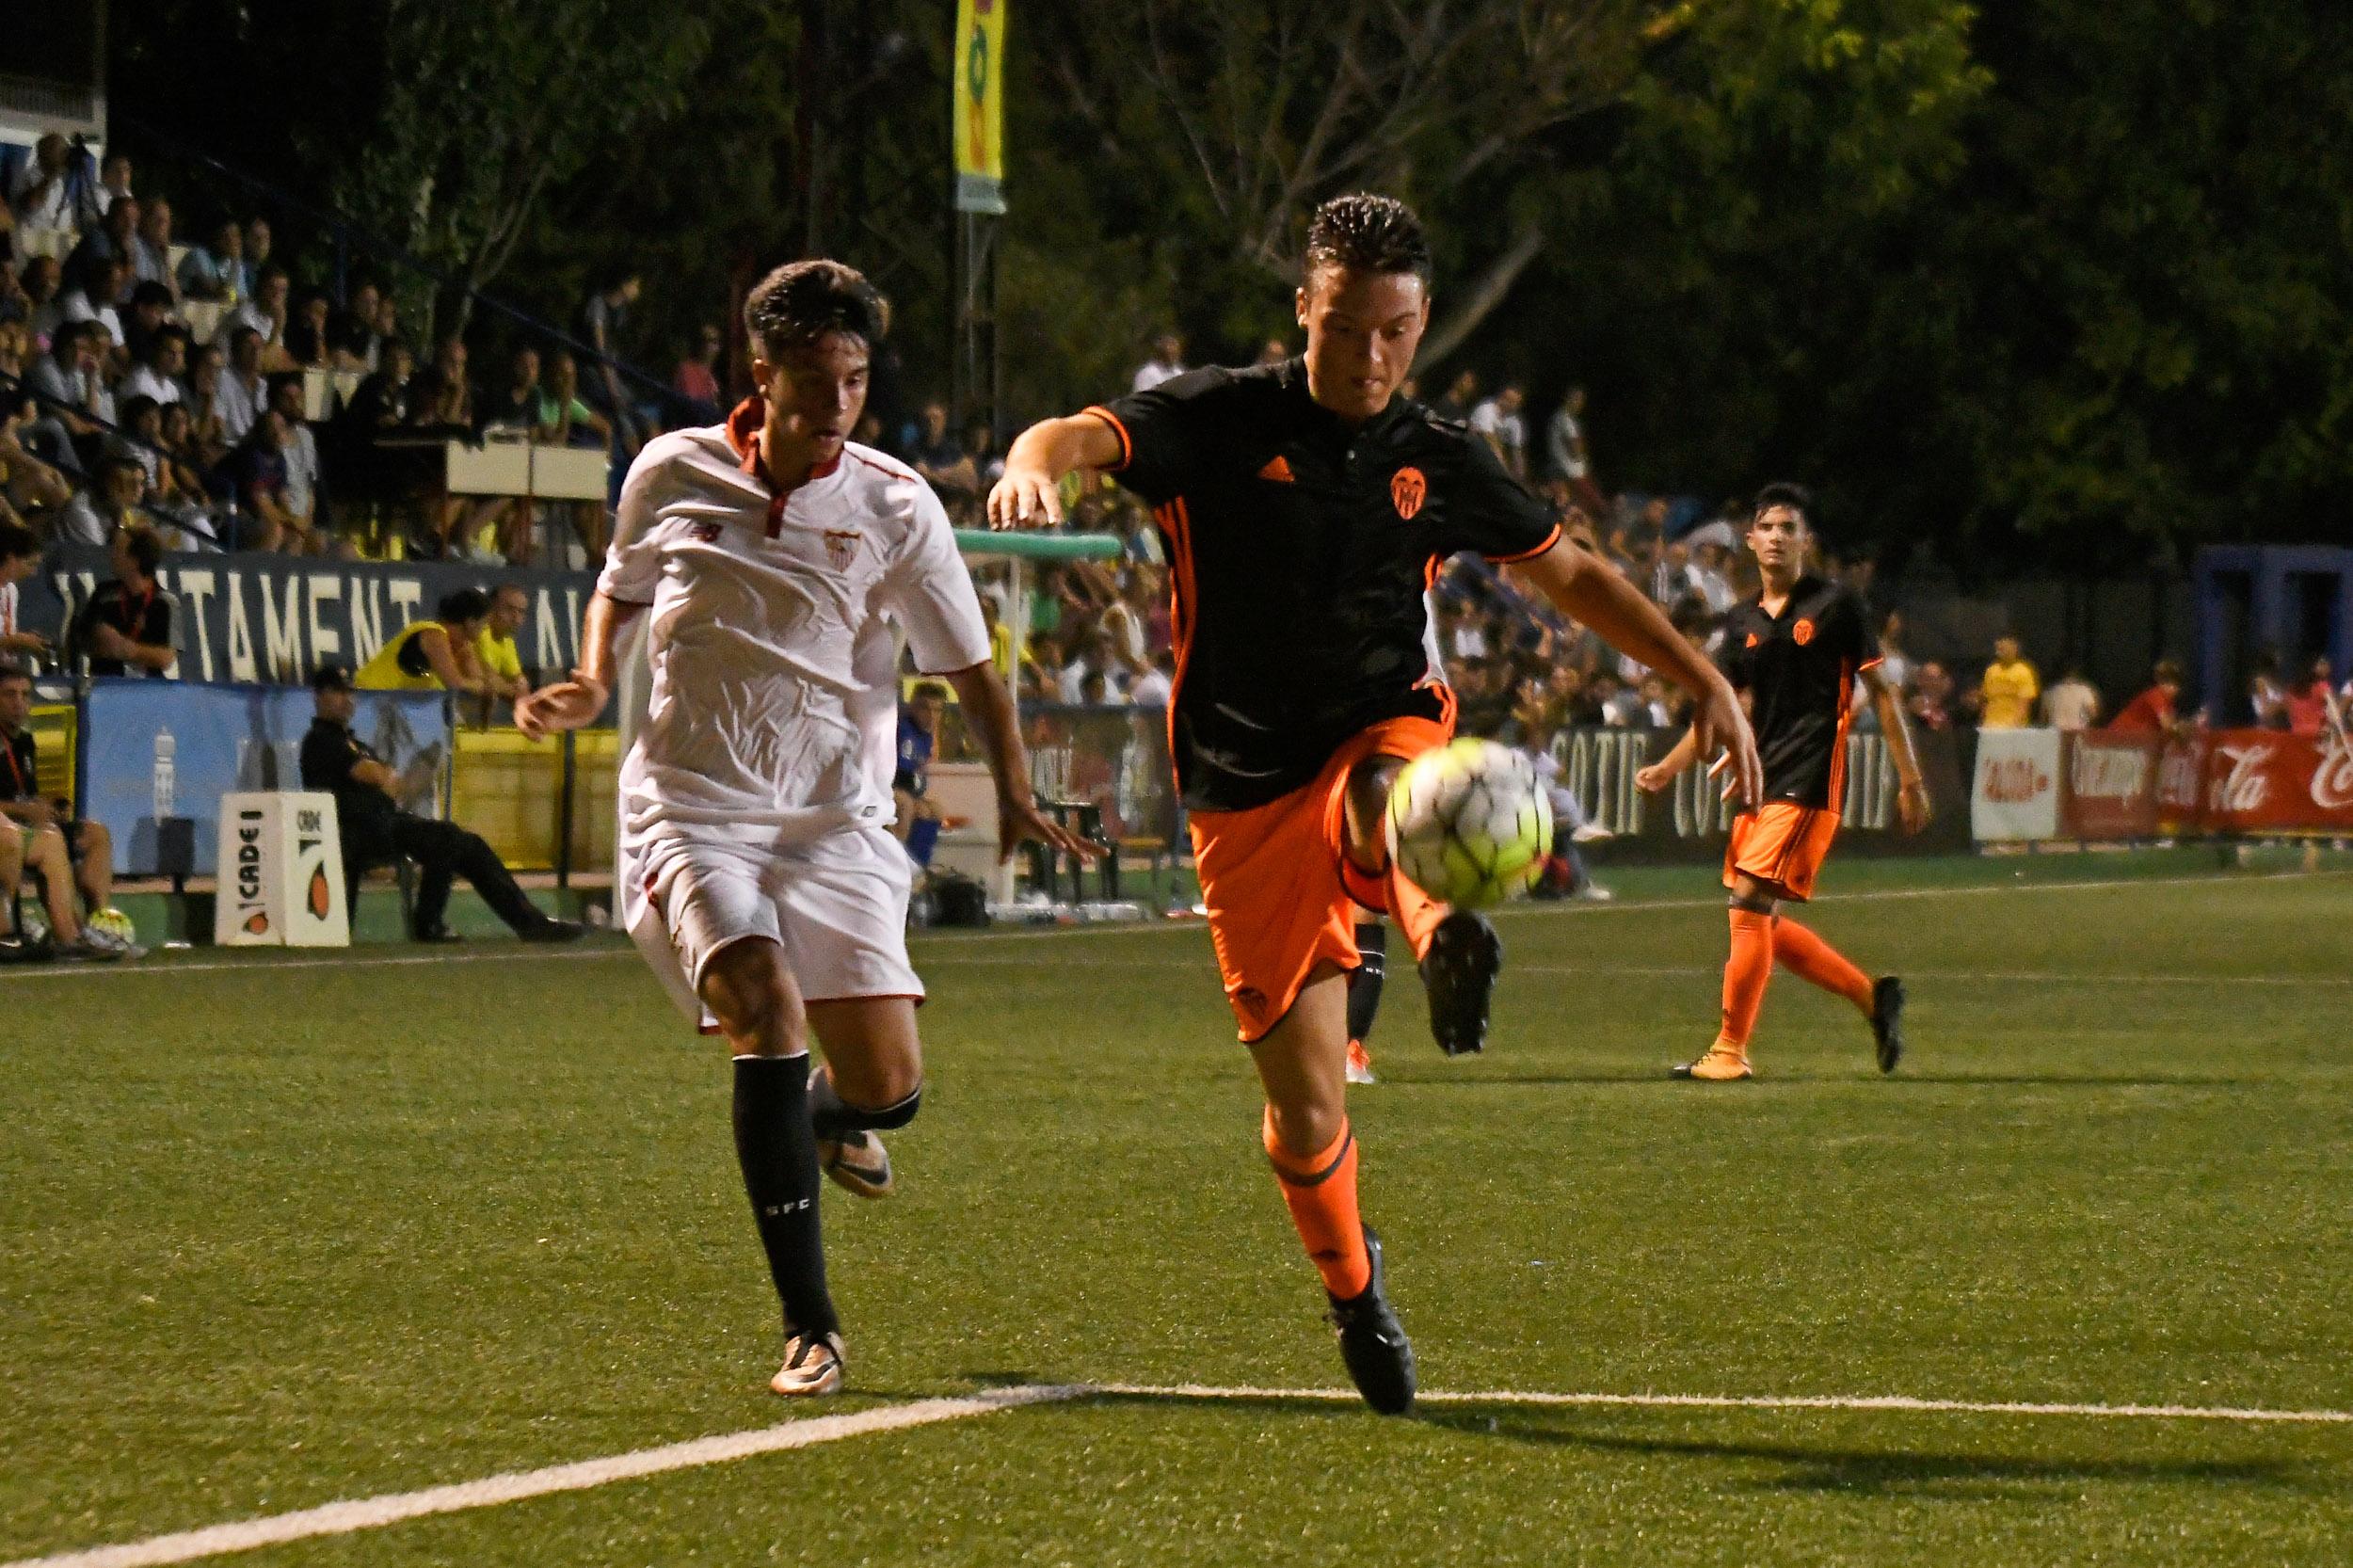 El Valencia consiguió anoche la primera victoria del COTIF al deshacerse de un Sevilla que necesita demostrar mucho más para hacerse un hueco entre los mejores del campeonato internacional.